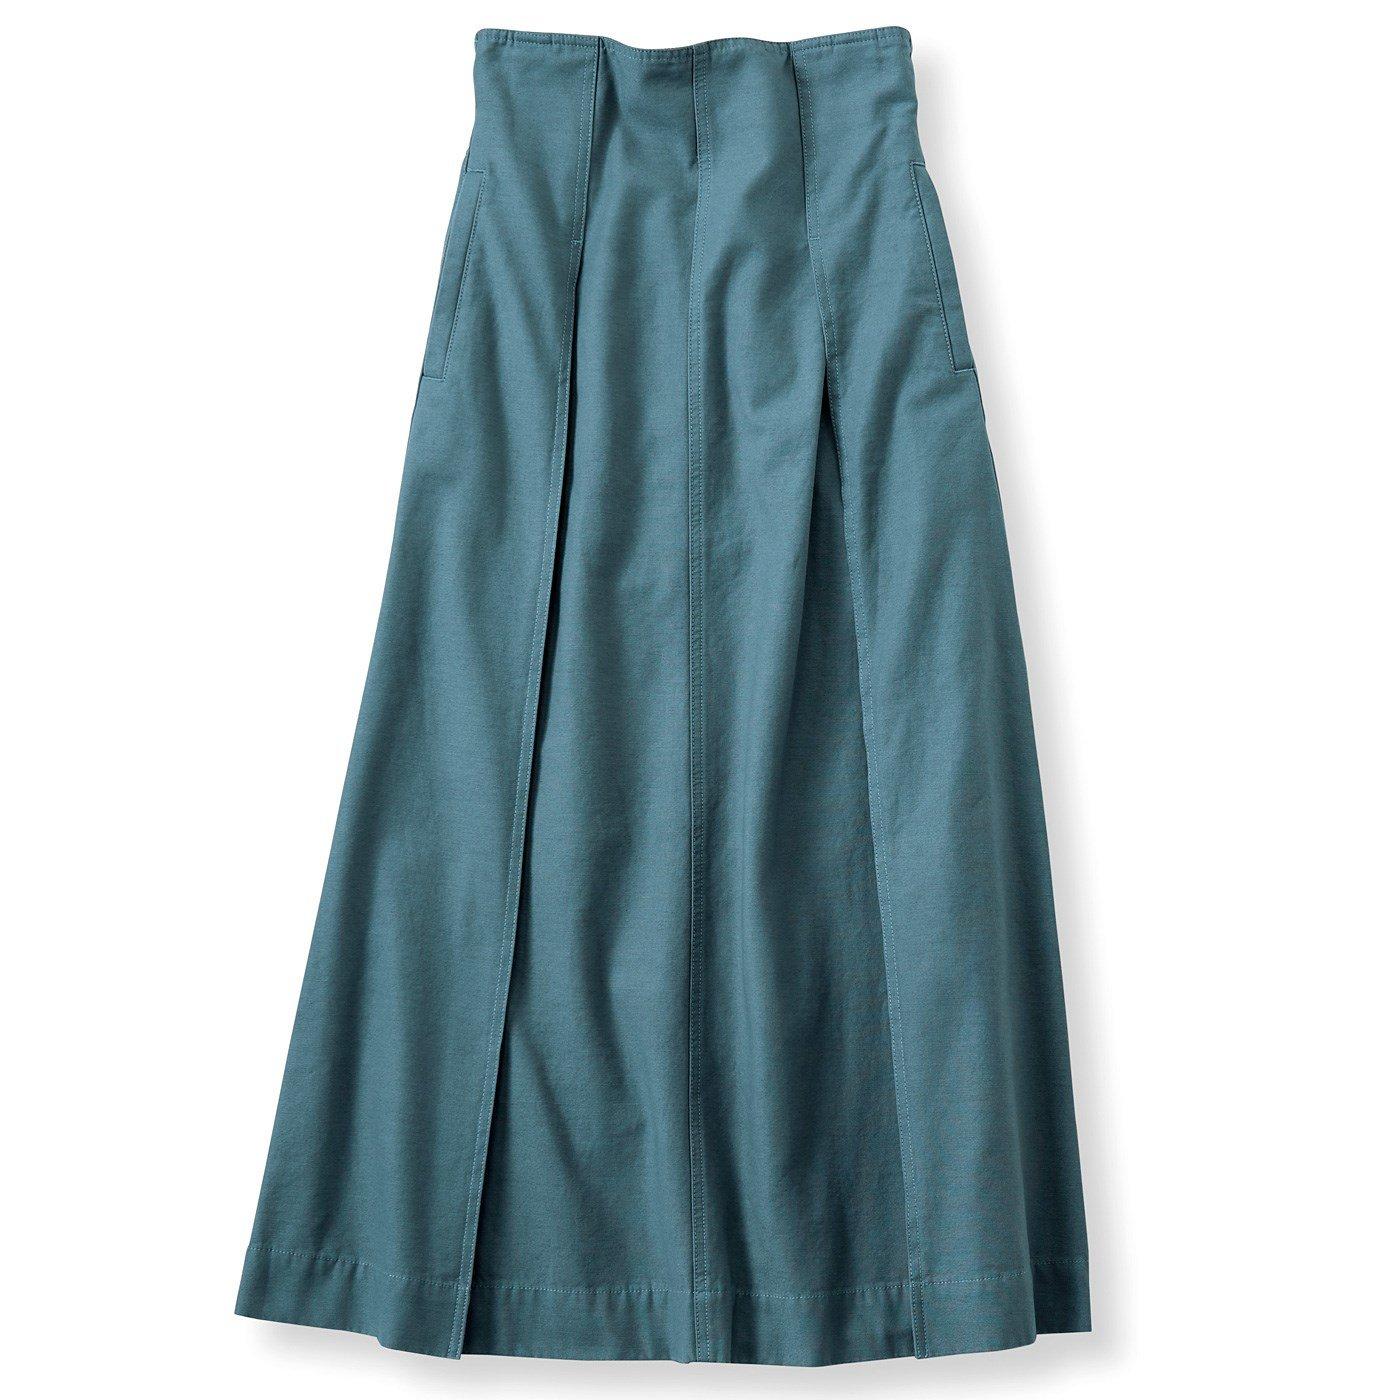 【3~10日でお届け】リブ イン コンフォート パンツ感覚ではけてスッキリ見える 大人ワークスカート〈ピーコックグリーン〉